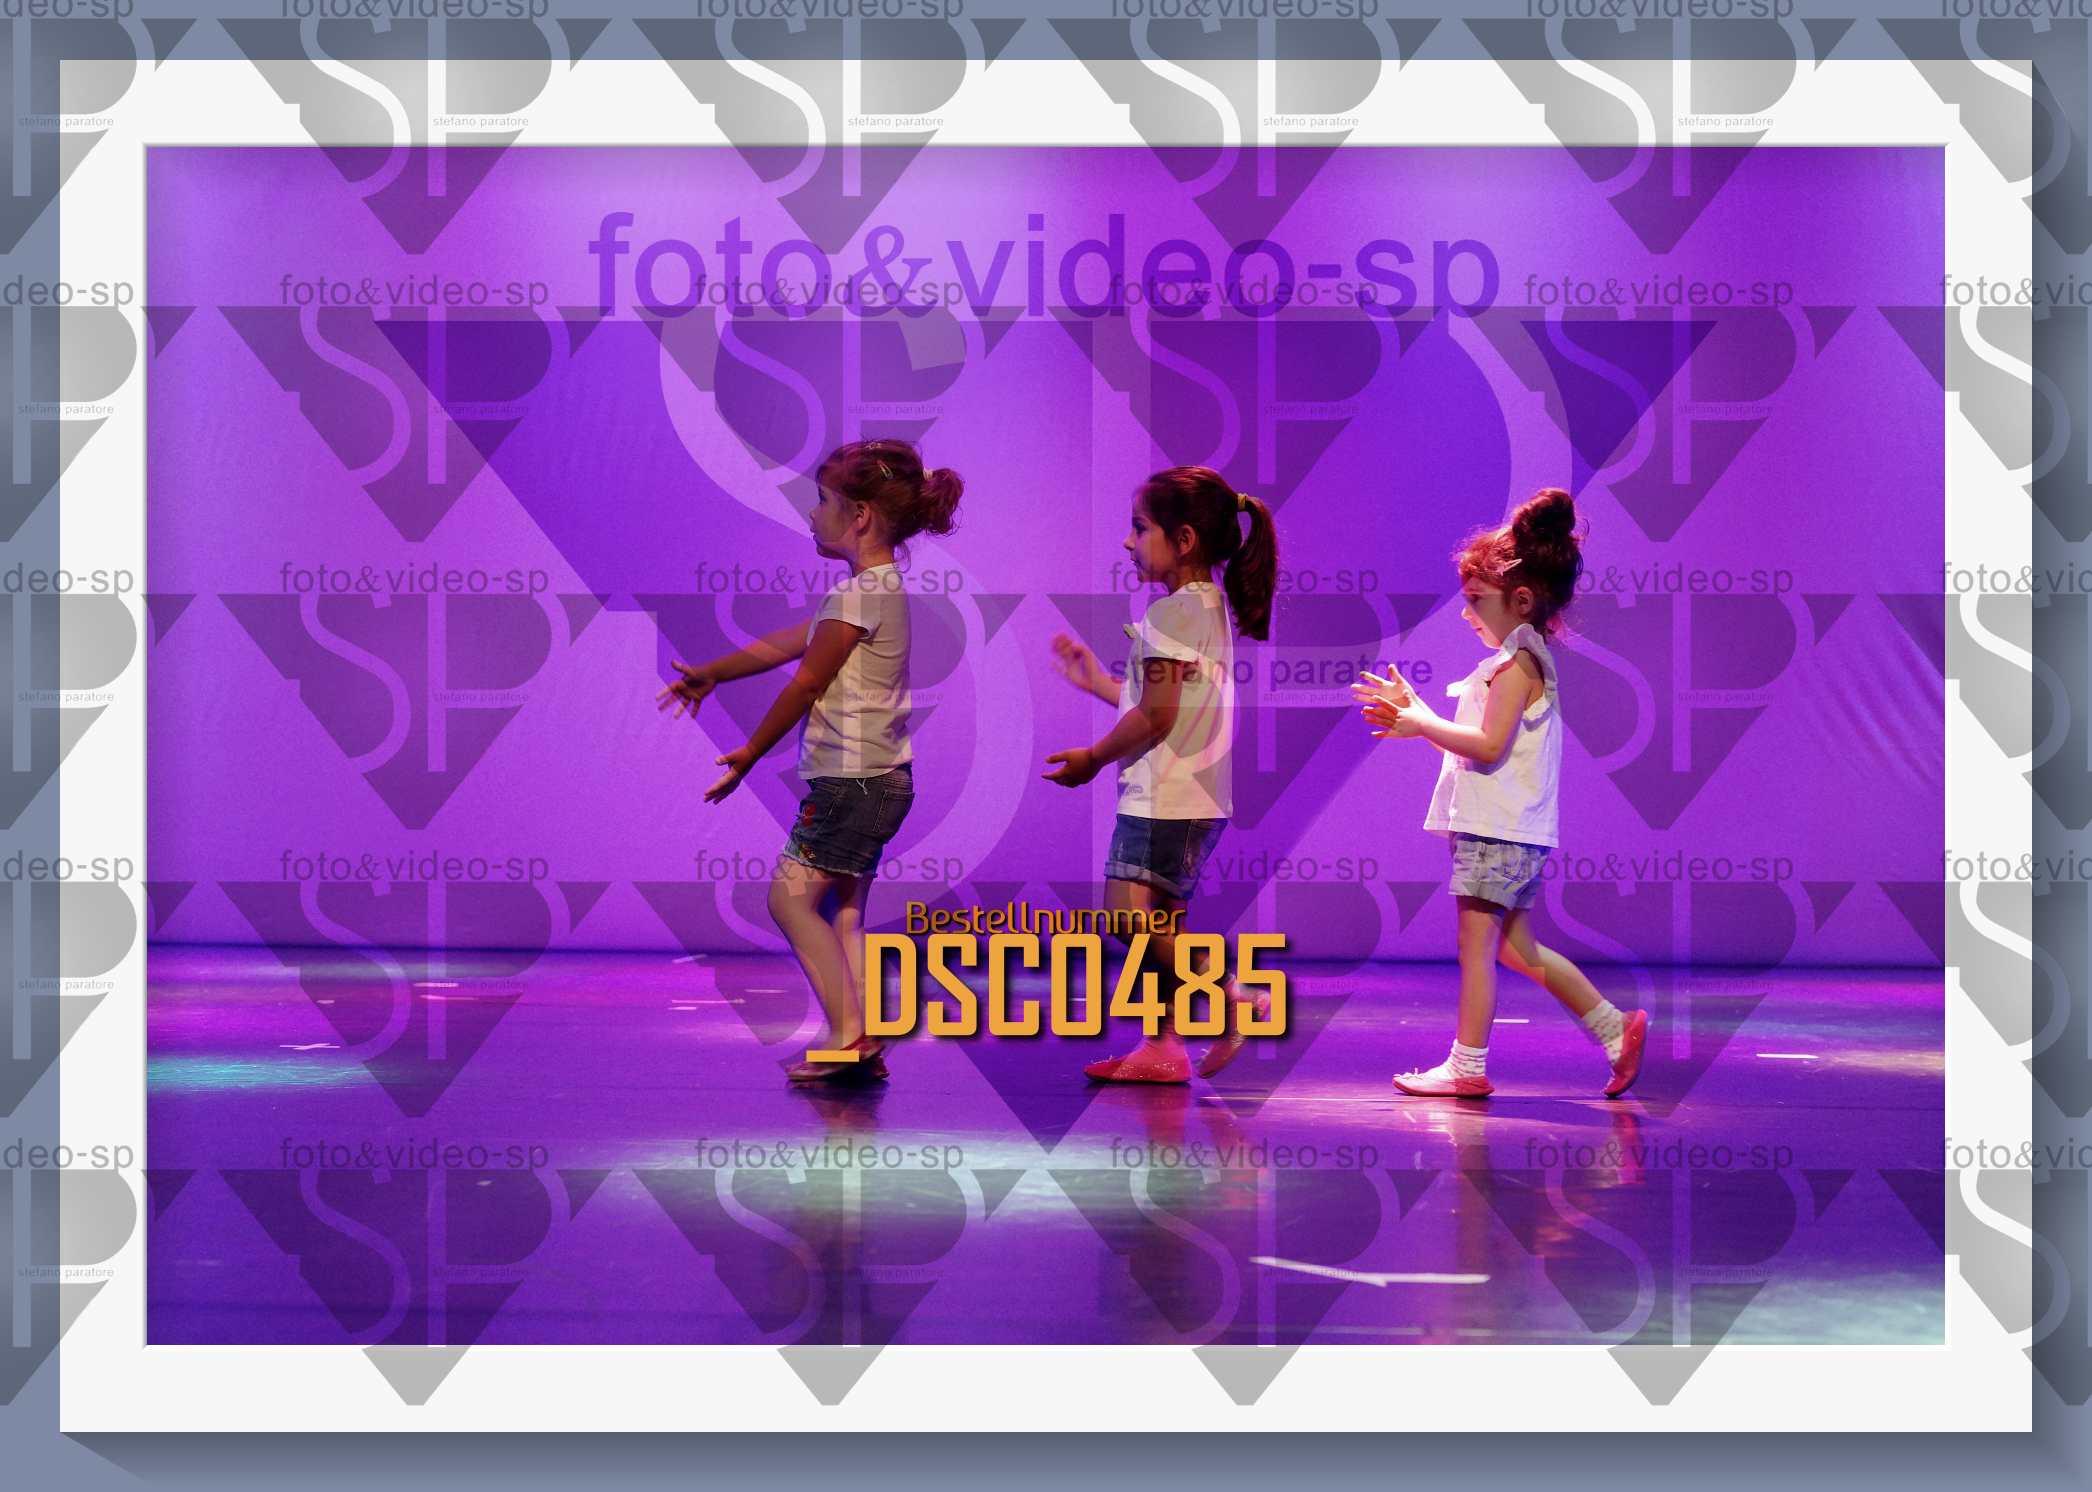 DSC0485